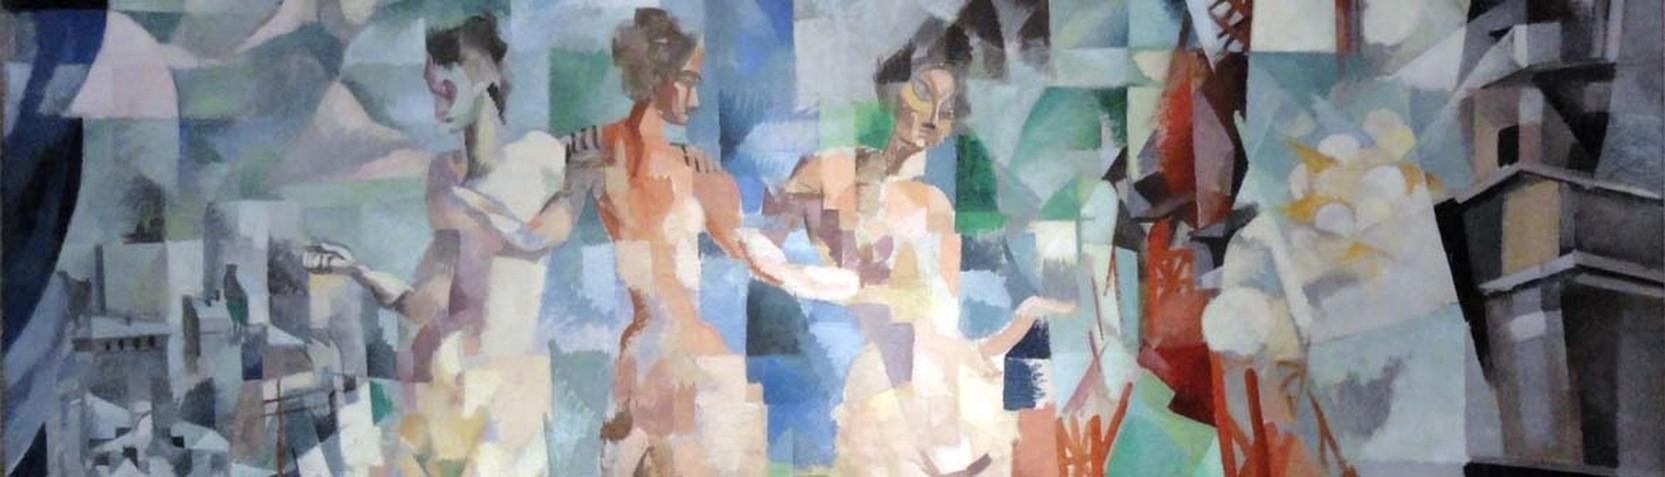 Artistas - Robert Delaunay